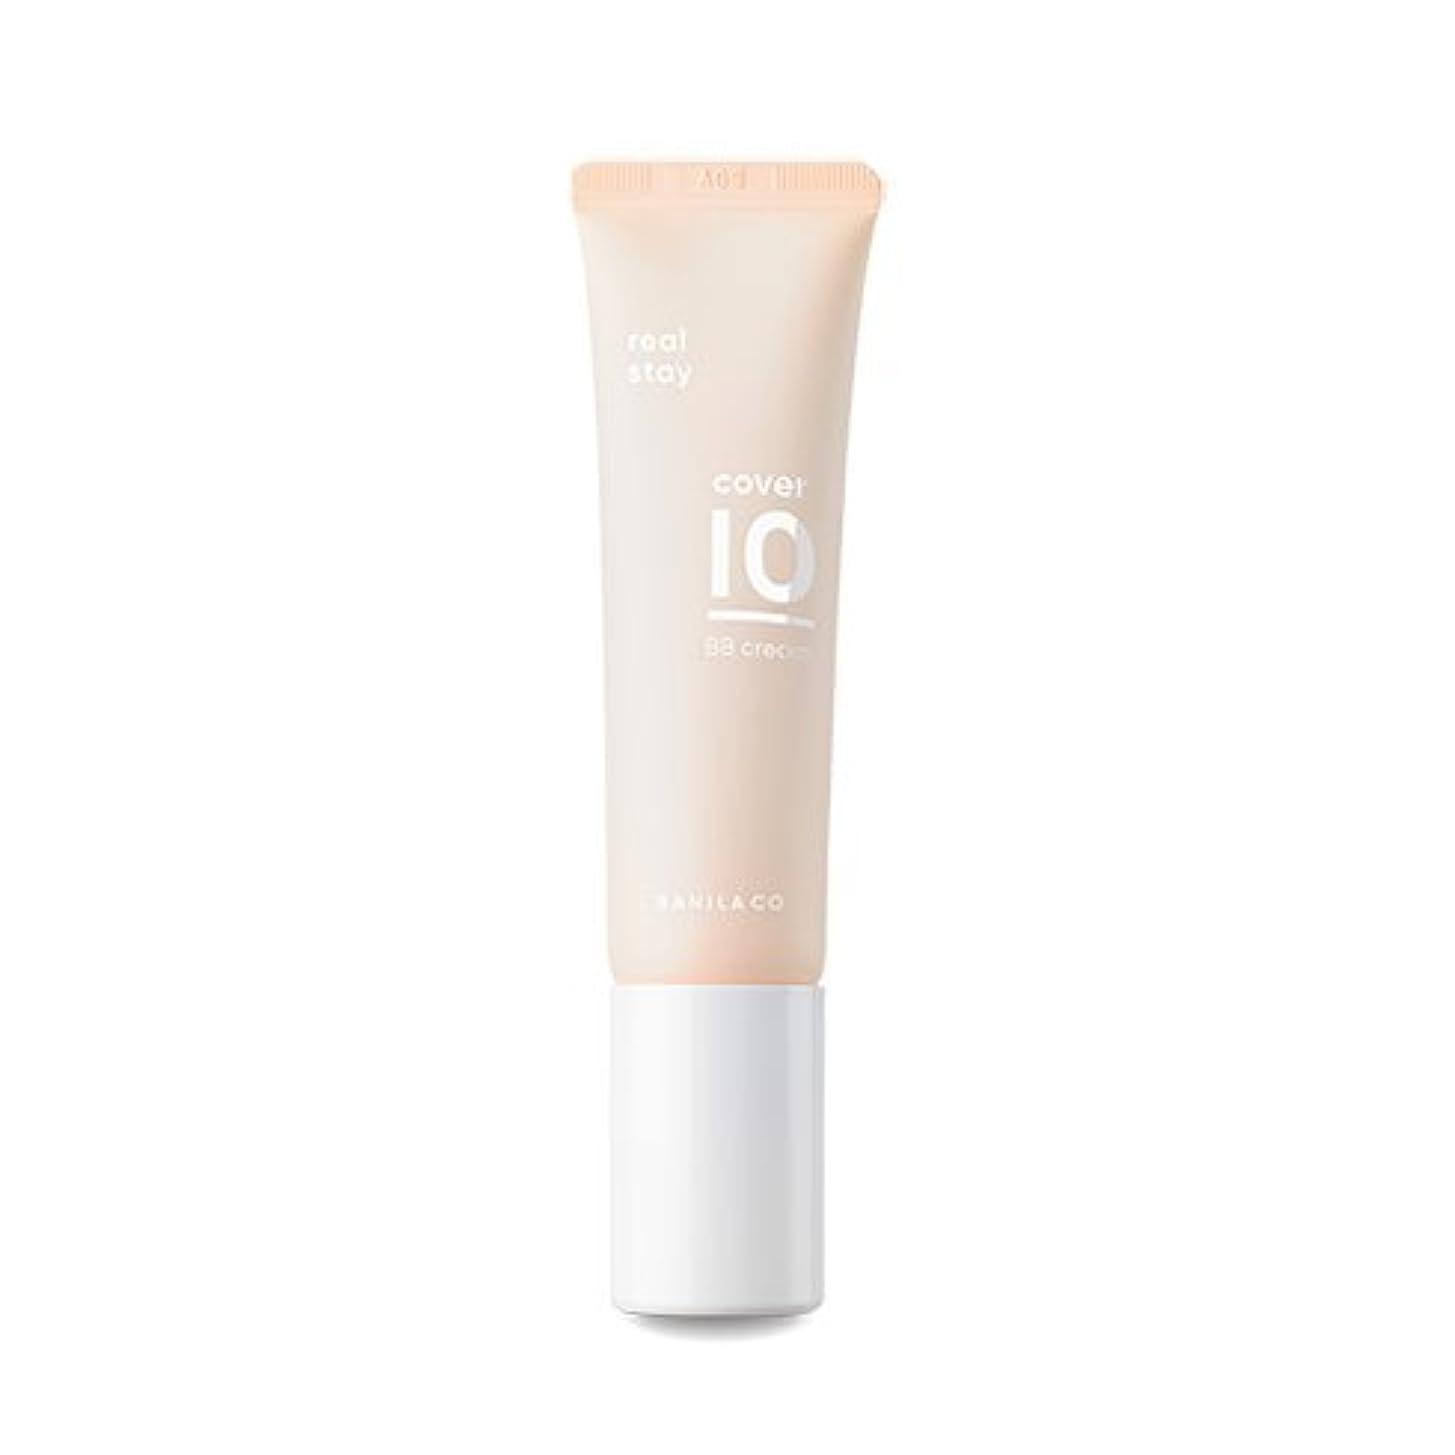 見通し不安定ケージ[Renewal] BANILA CO Cover 10 Real Stay BB Cream 30ml/バニラコ カバー 10 リアル ステイ BBクリーム 30ml (#Natural Beige) [並行輸入品]